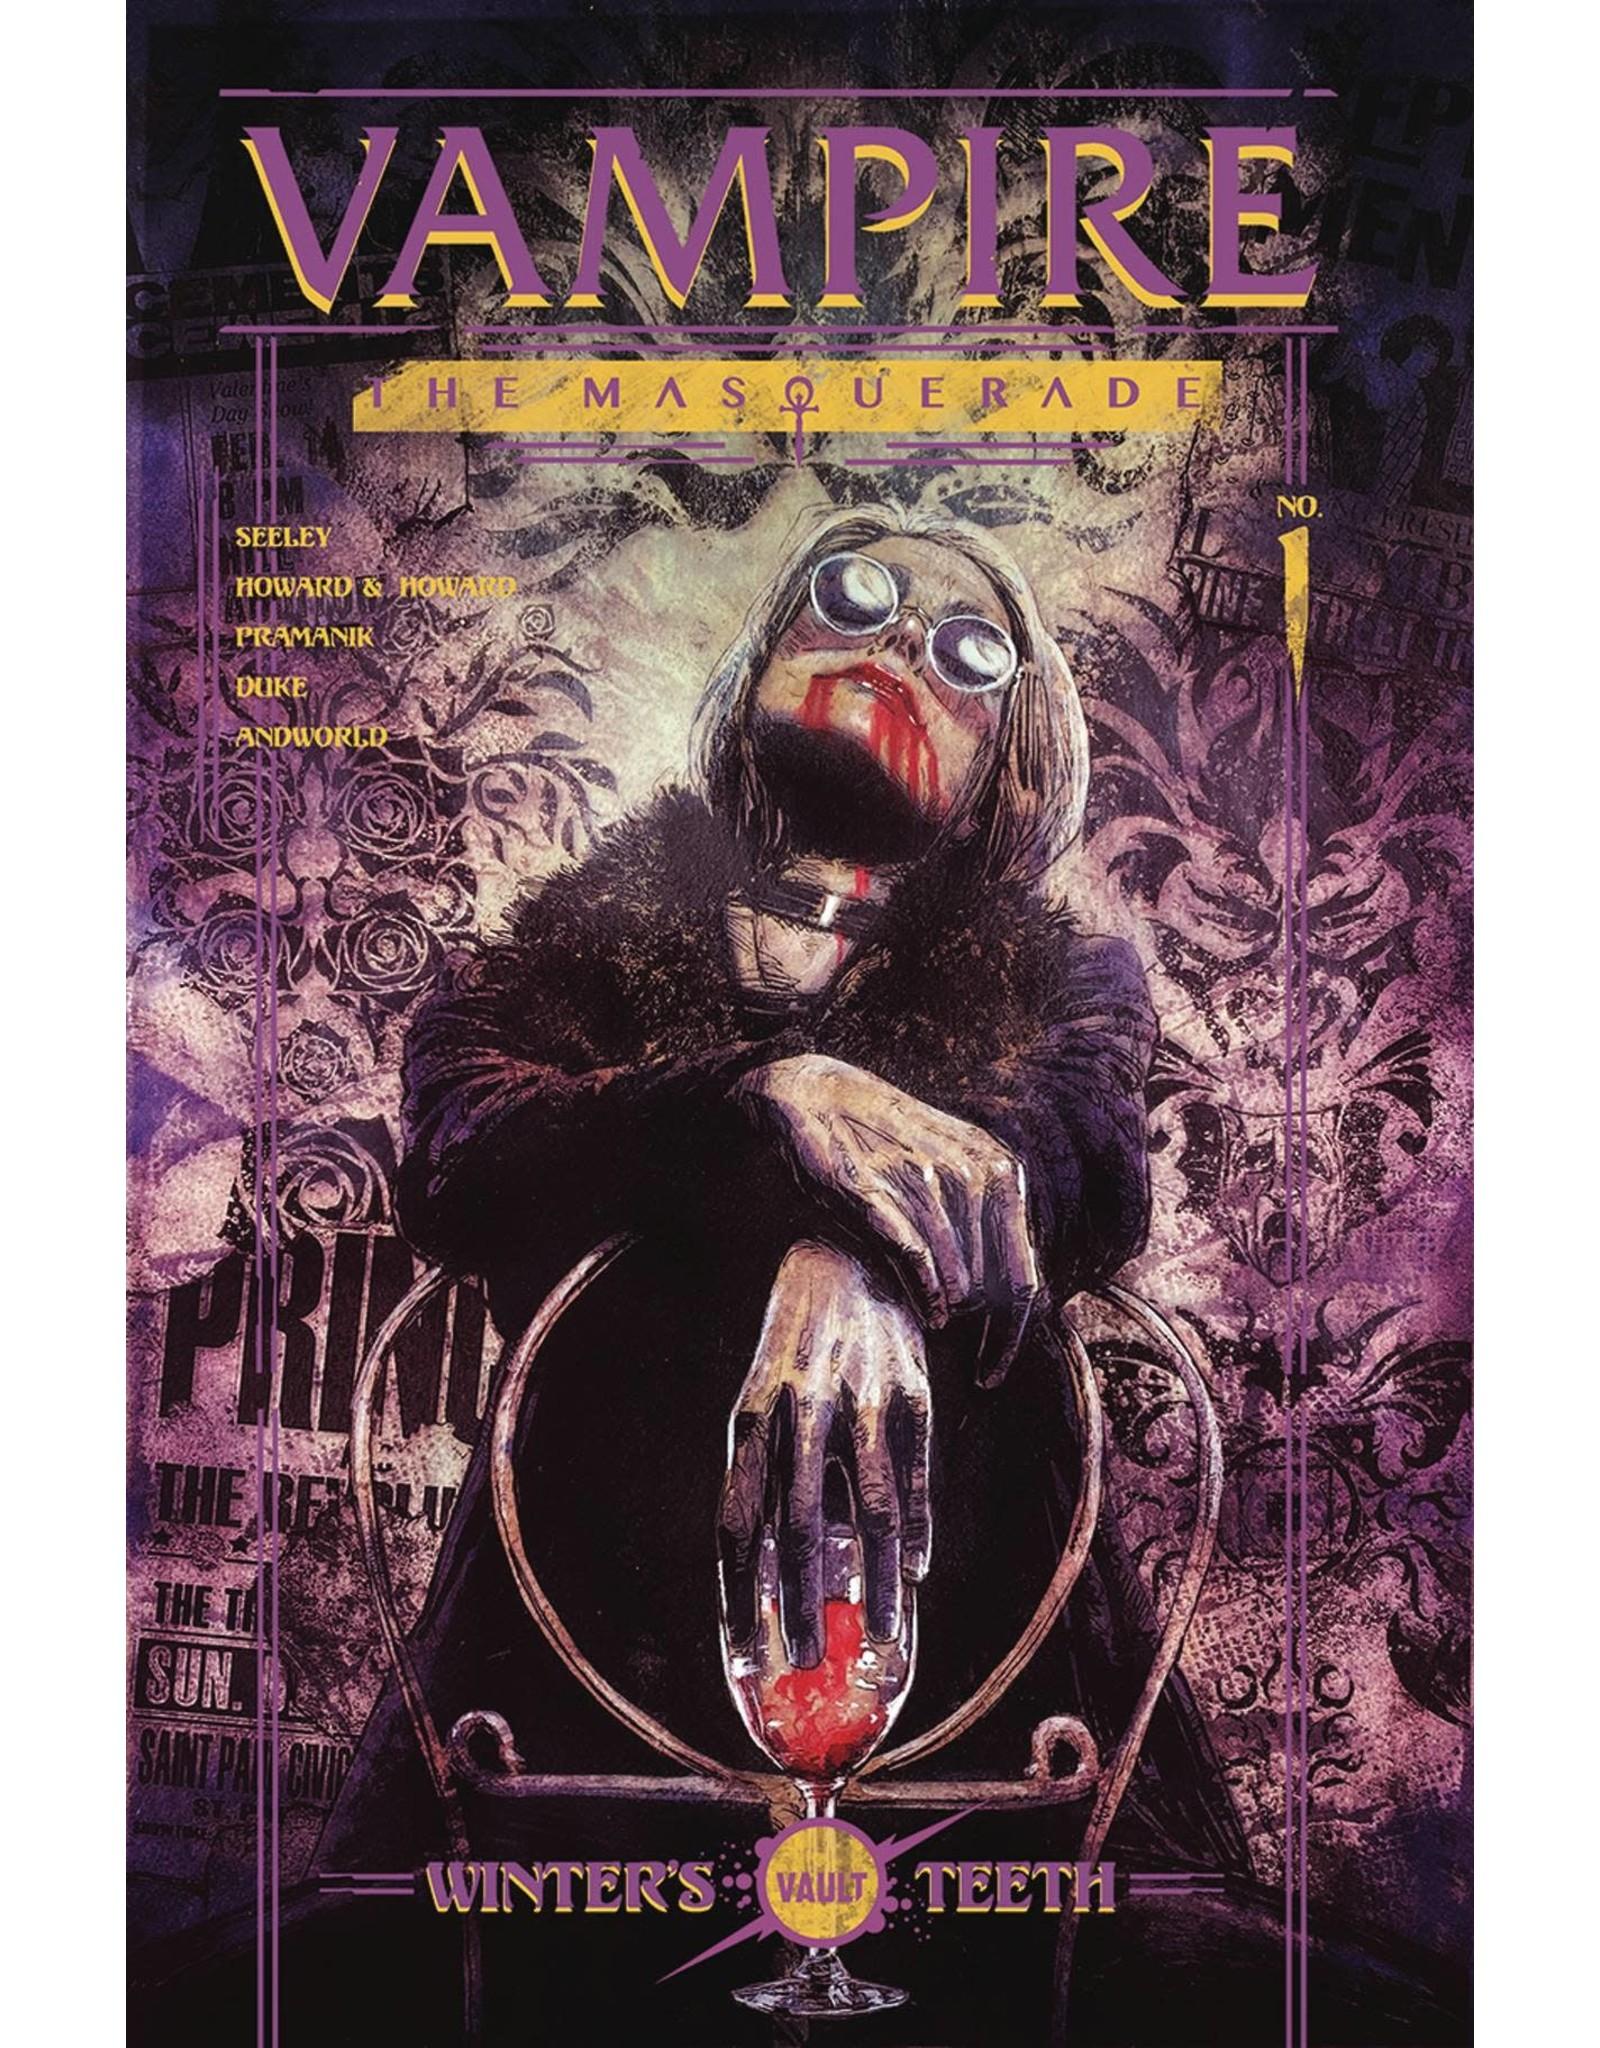 VAULT COMICS VAMPIRE THE MASQUERADE #1 CVR A CAMPBELL